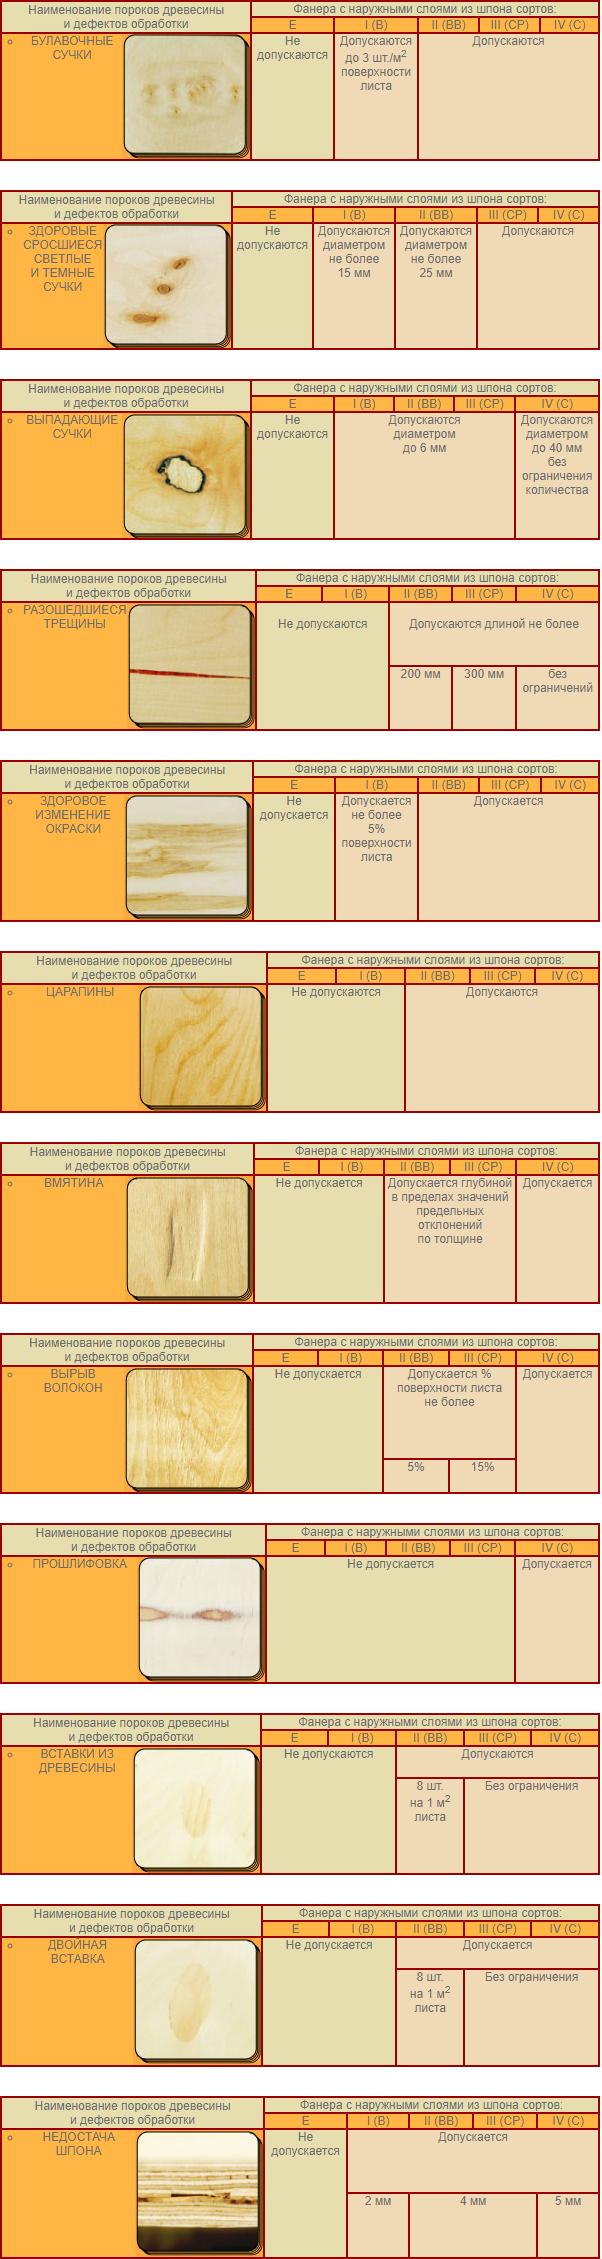 Сводная таблица основных дефектов влагостойкой фанеры